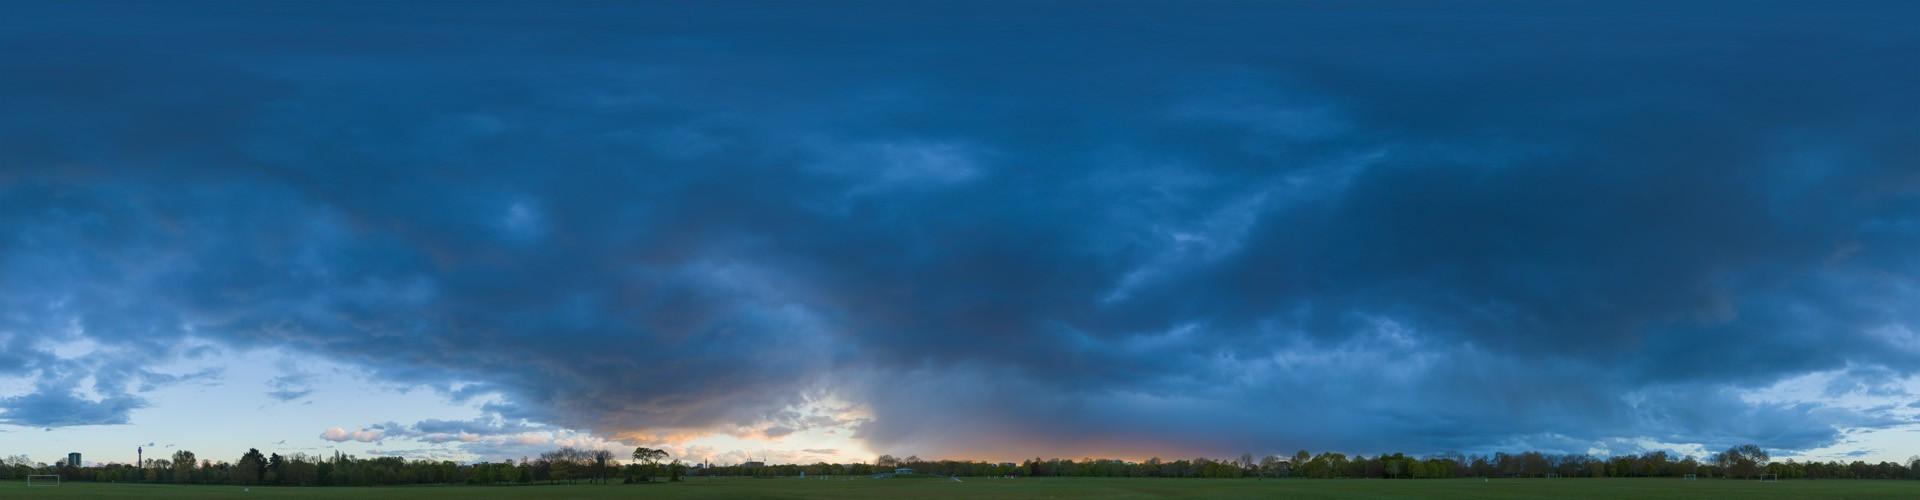 Rainy Blue Hour 8242 (30k) HDRI